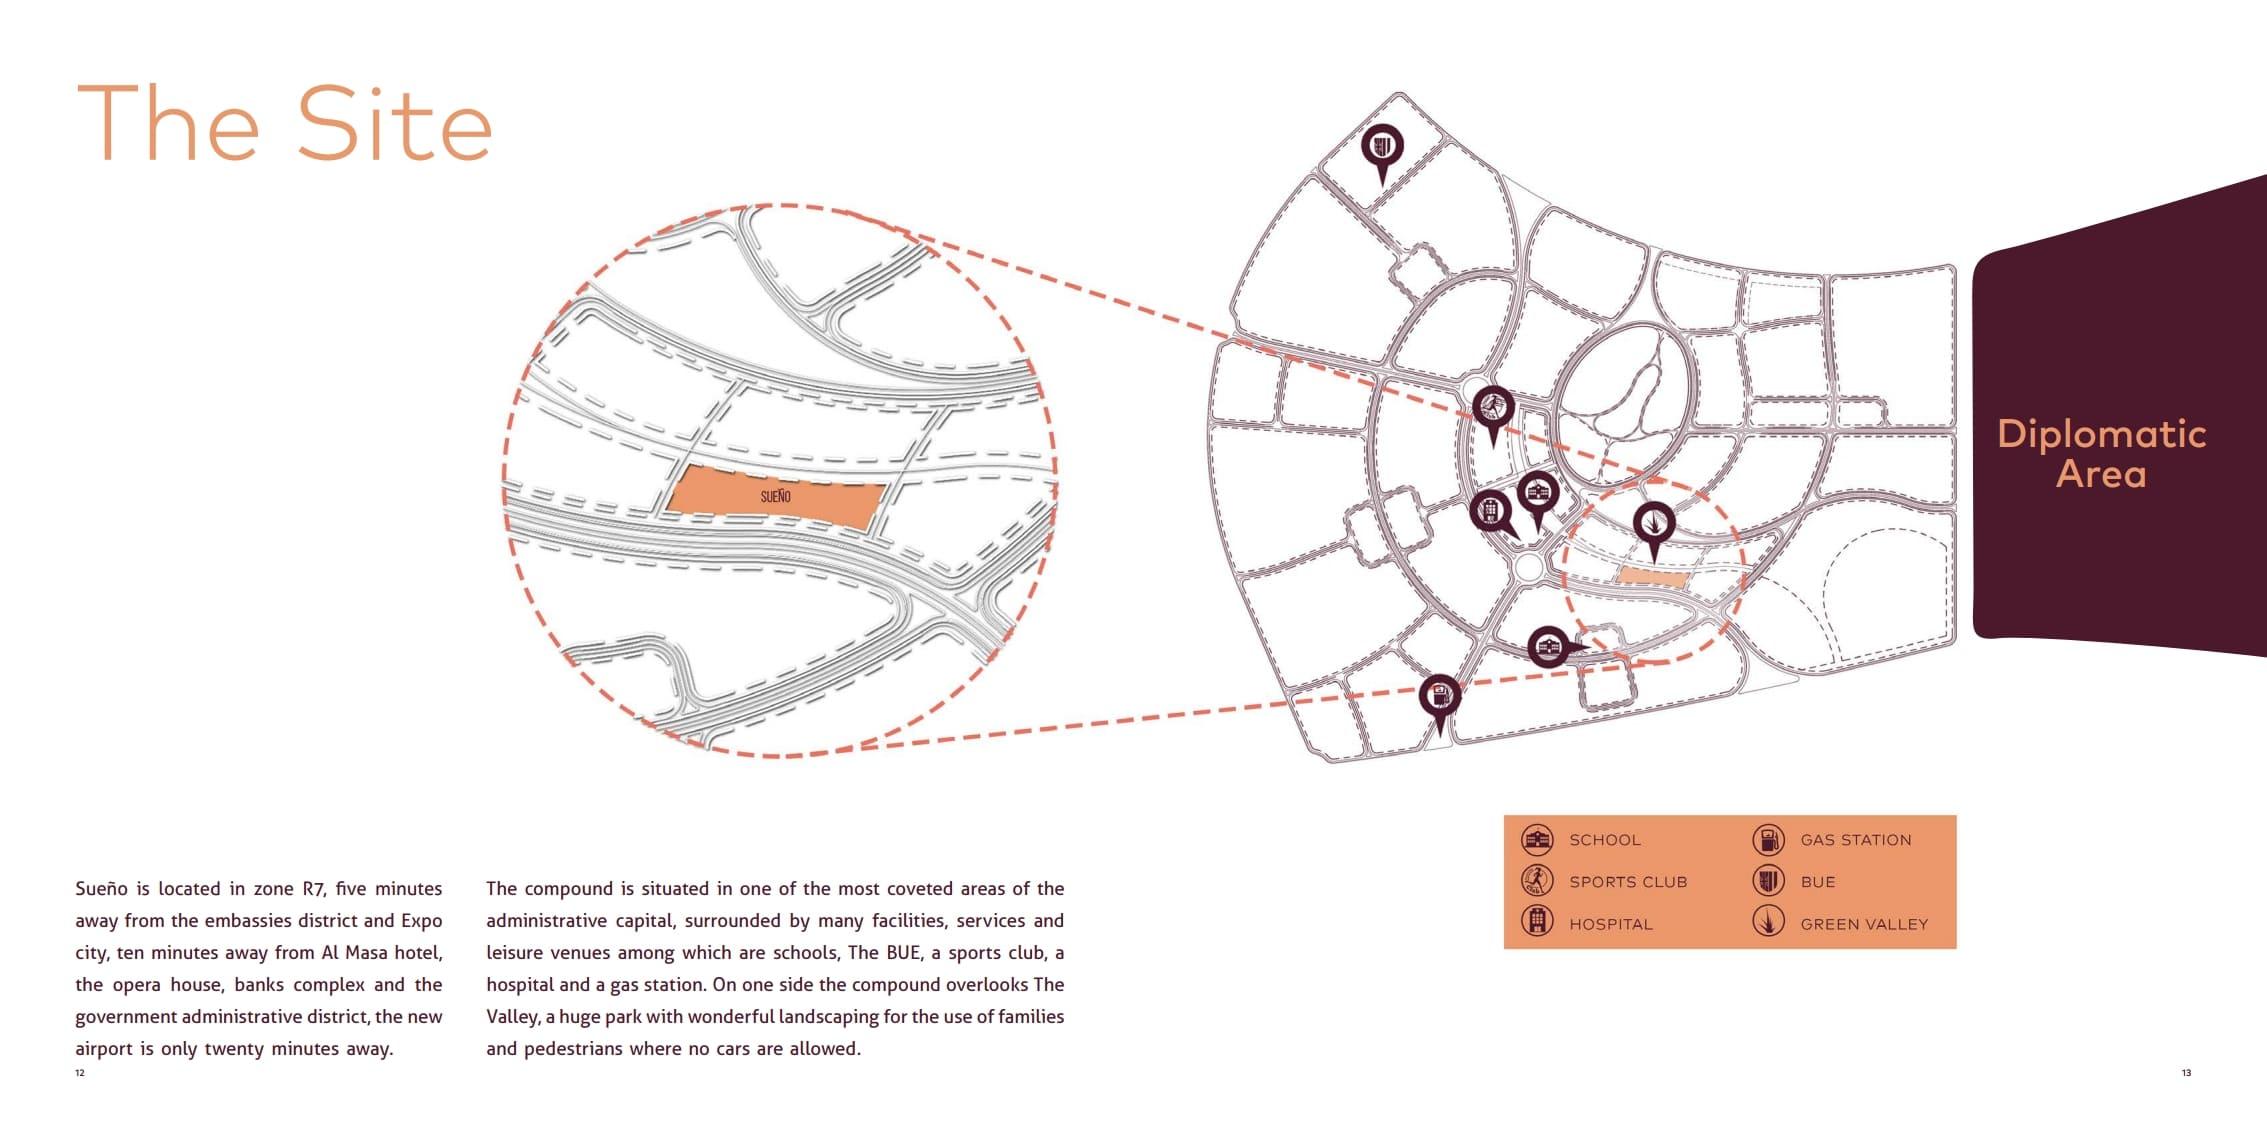 موقع كمبوند سوانيو بالعاصمة الادراية الجديدة Seuno New Capital